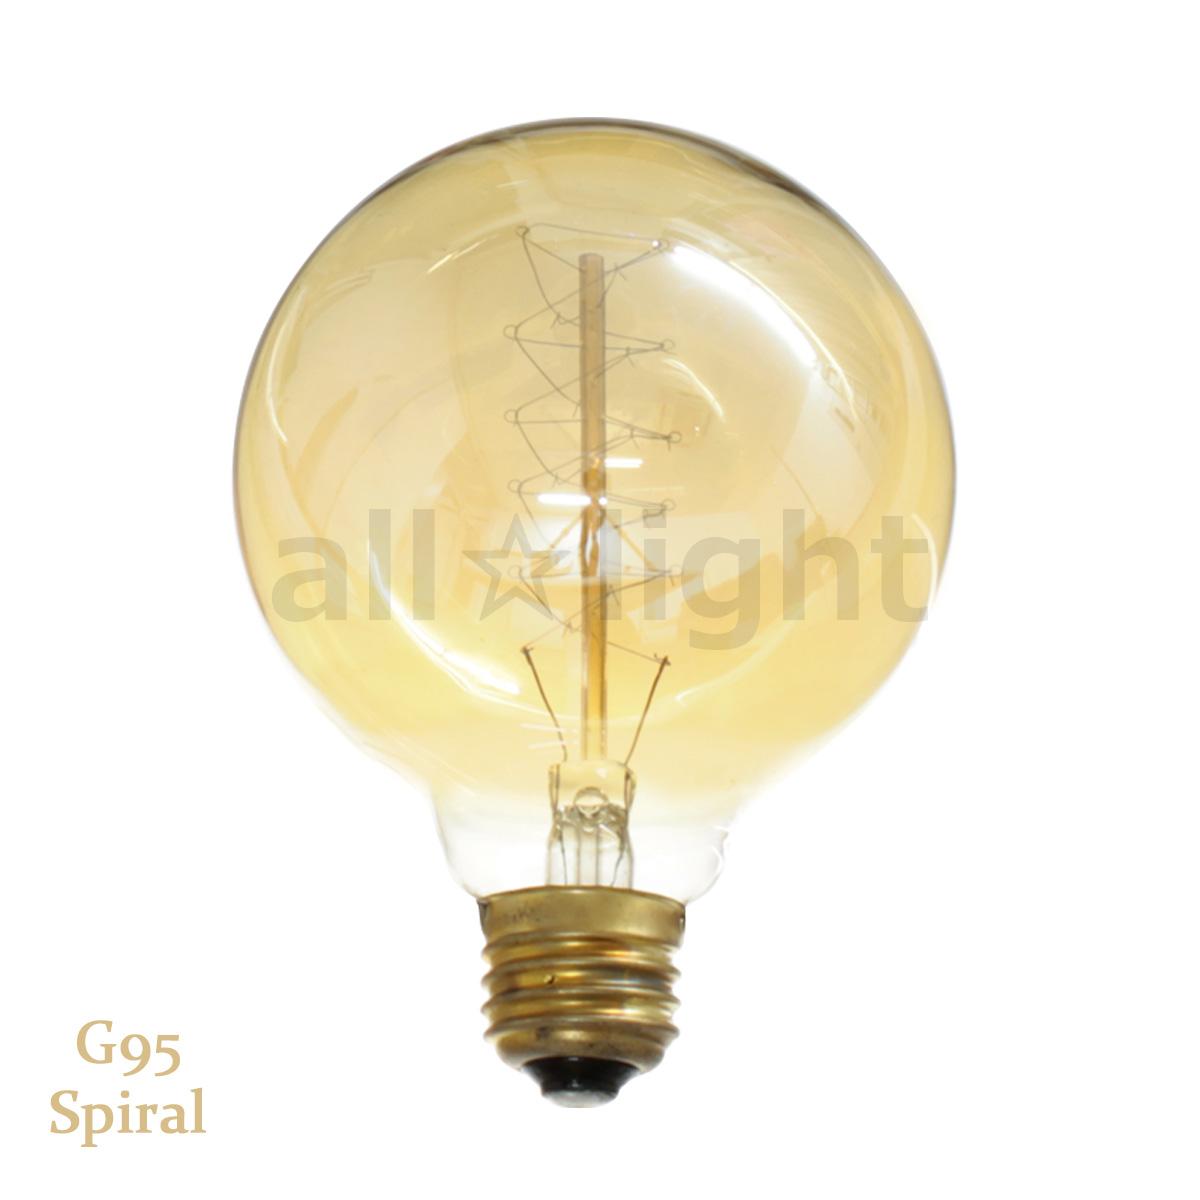 【7700円以上で送料無料】レトロなフォルムの電球。アンティーク器具に最適。 ★ エジソンバルブ(エジソン電球) ボール球形 G95 E26 110V 40W Spiral G95 E26 110V 40W S